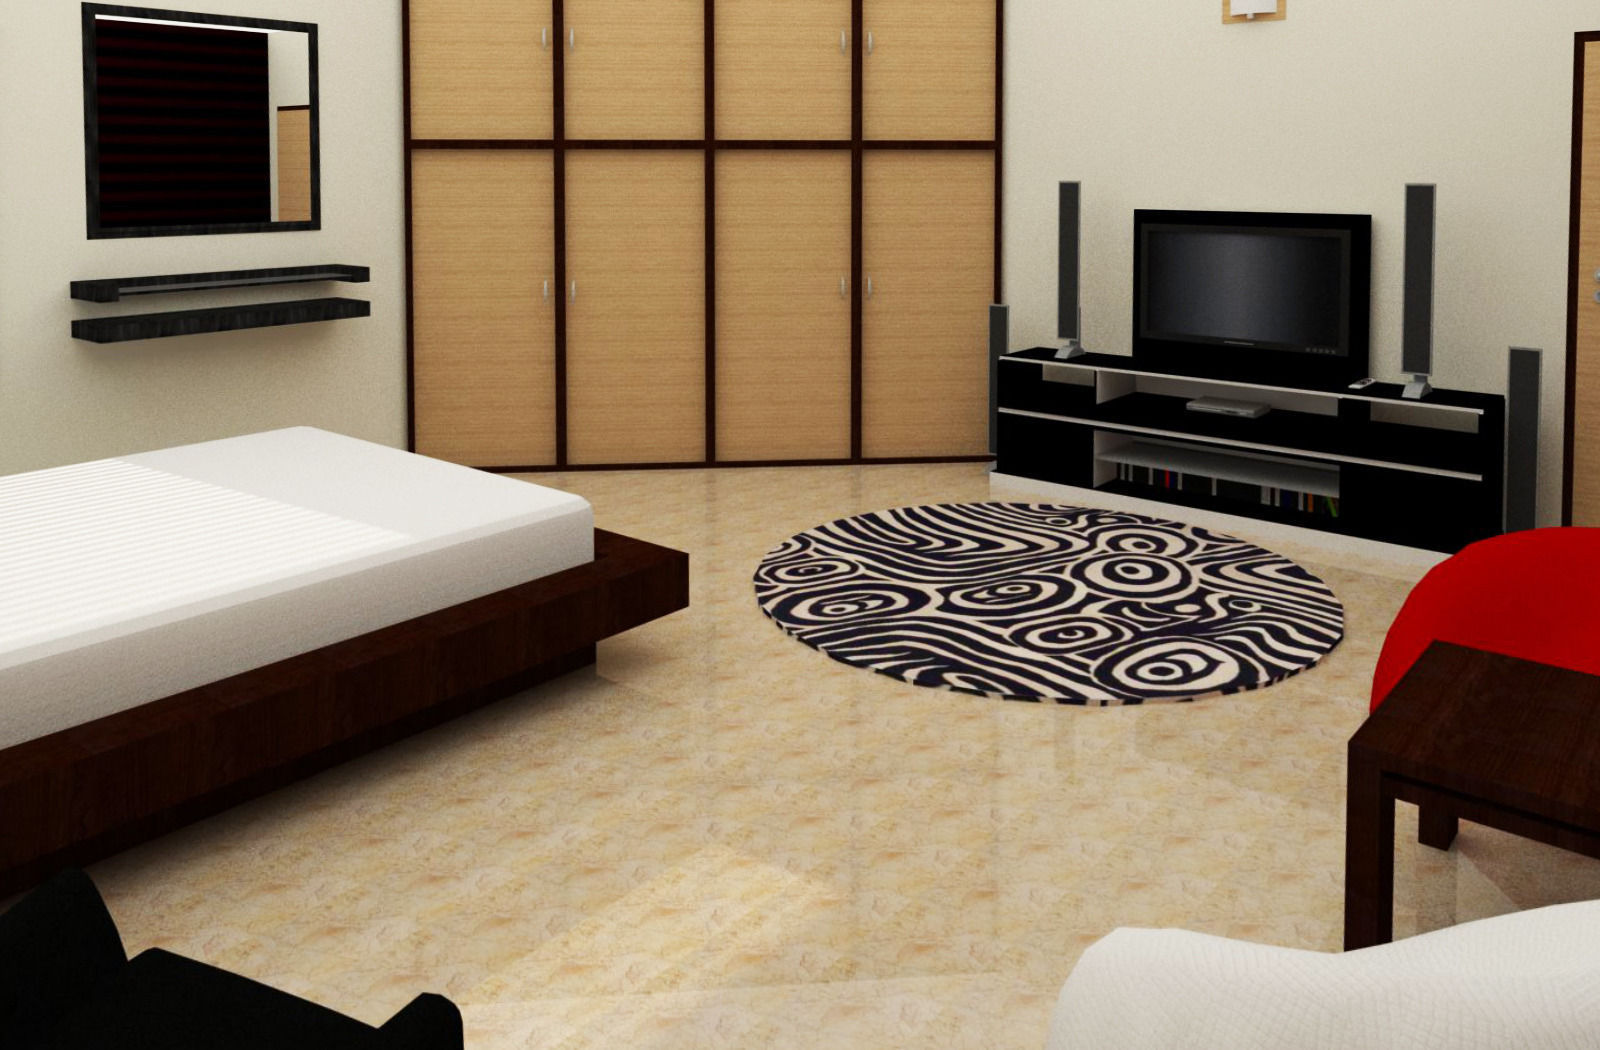 Simple Room Interior 3d Model Skp Cgtrader Com